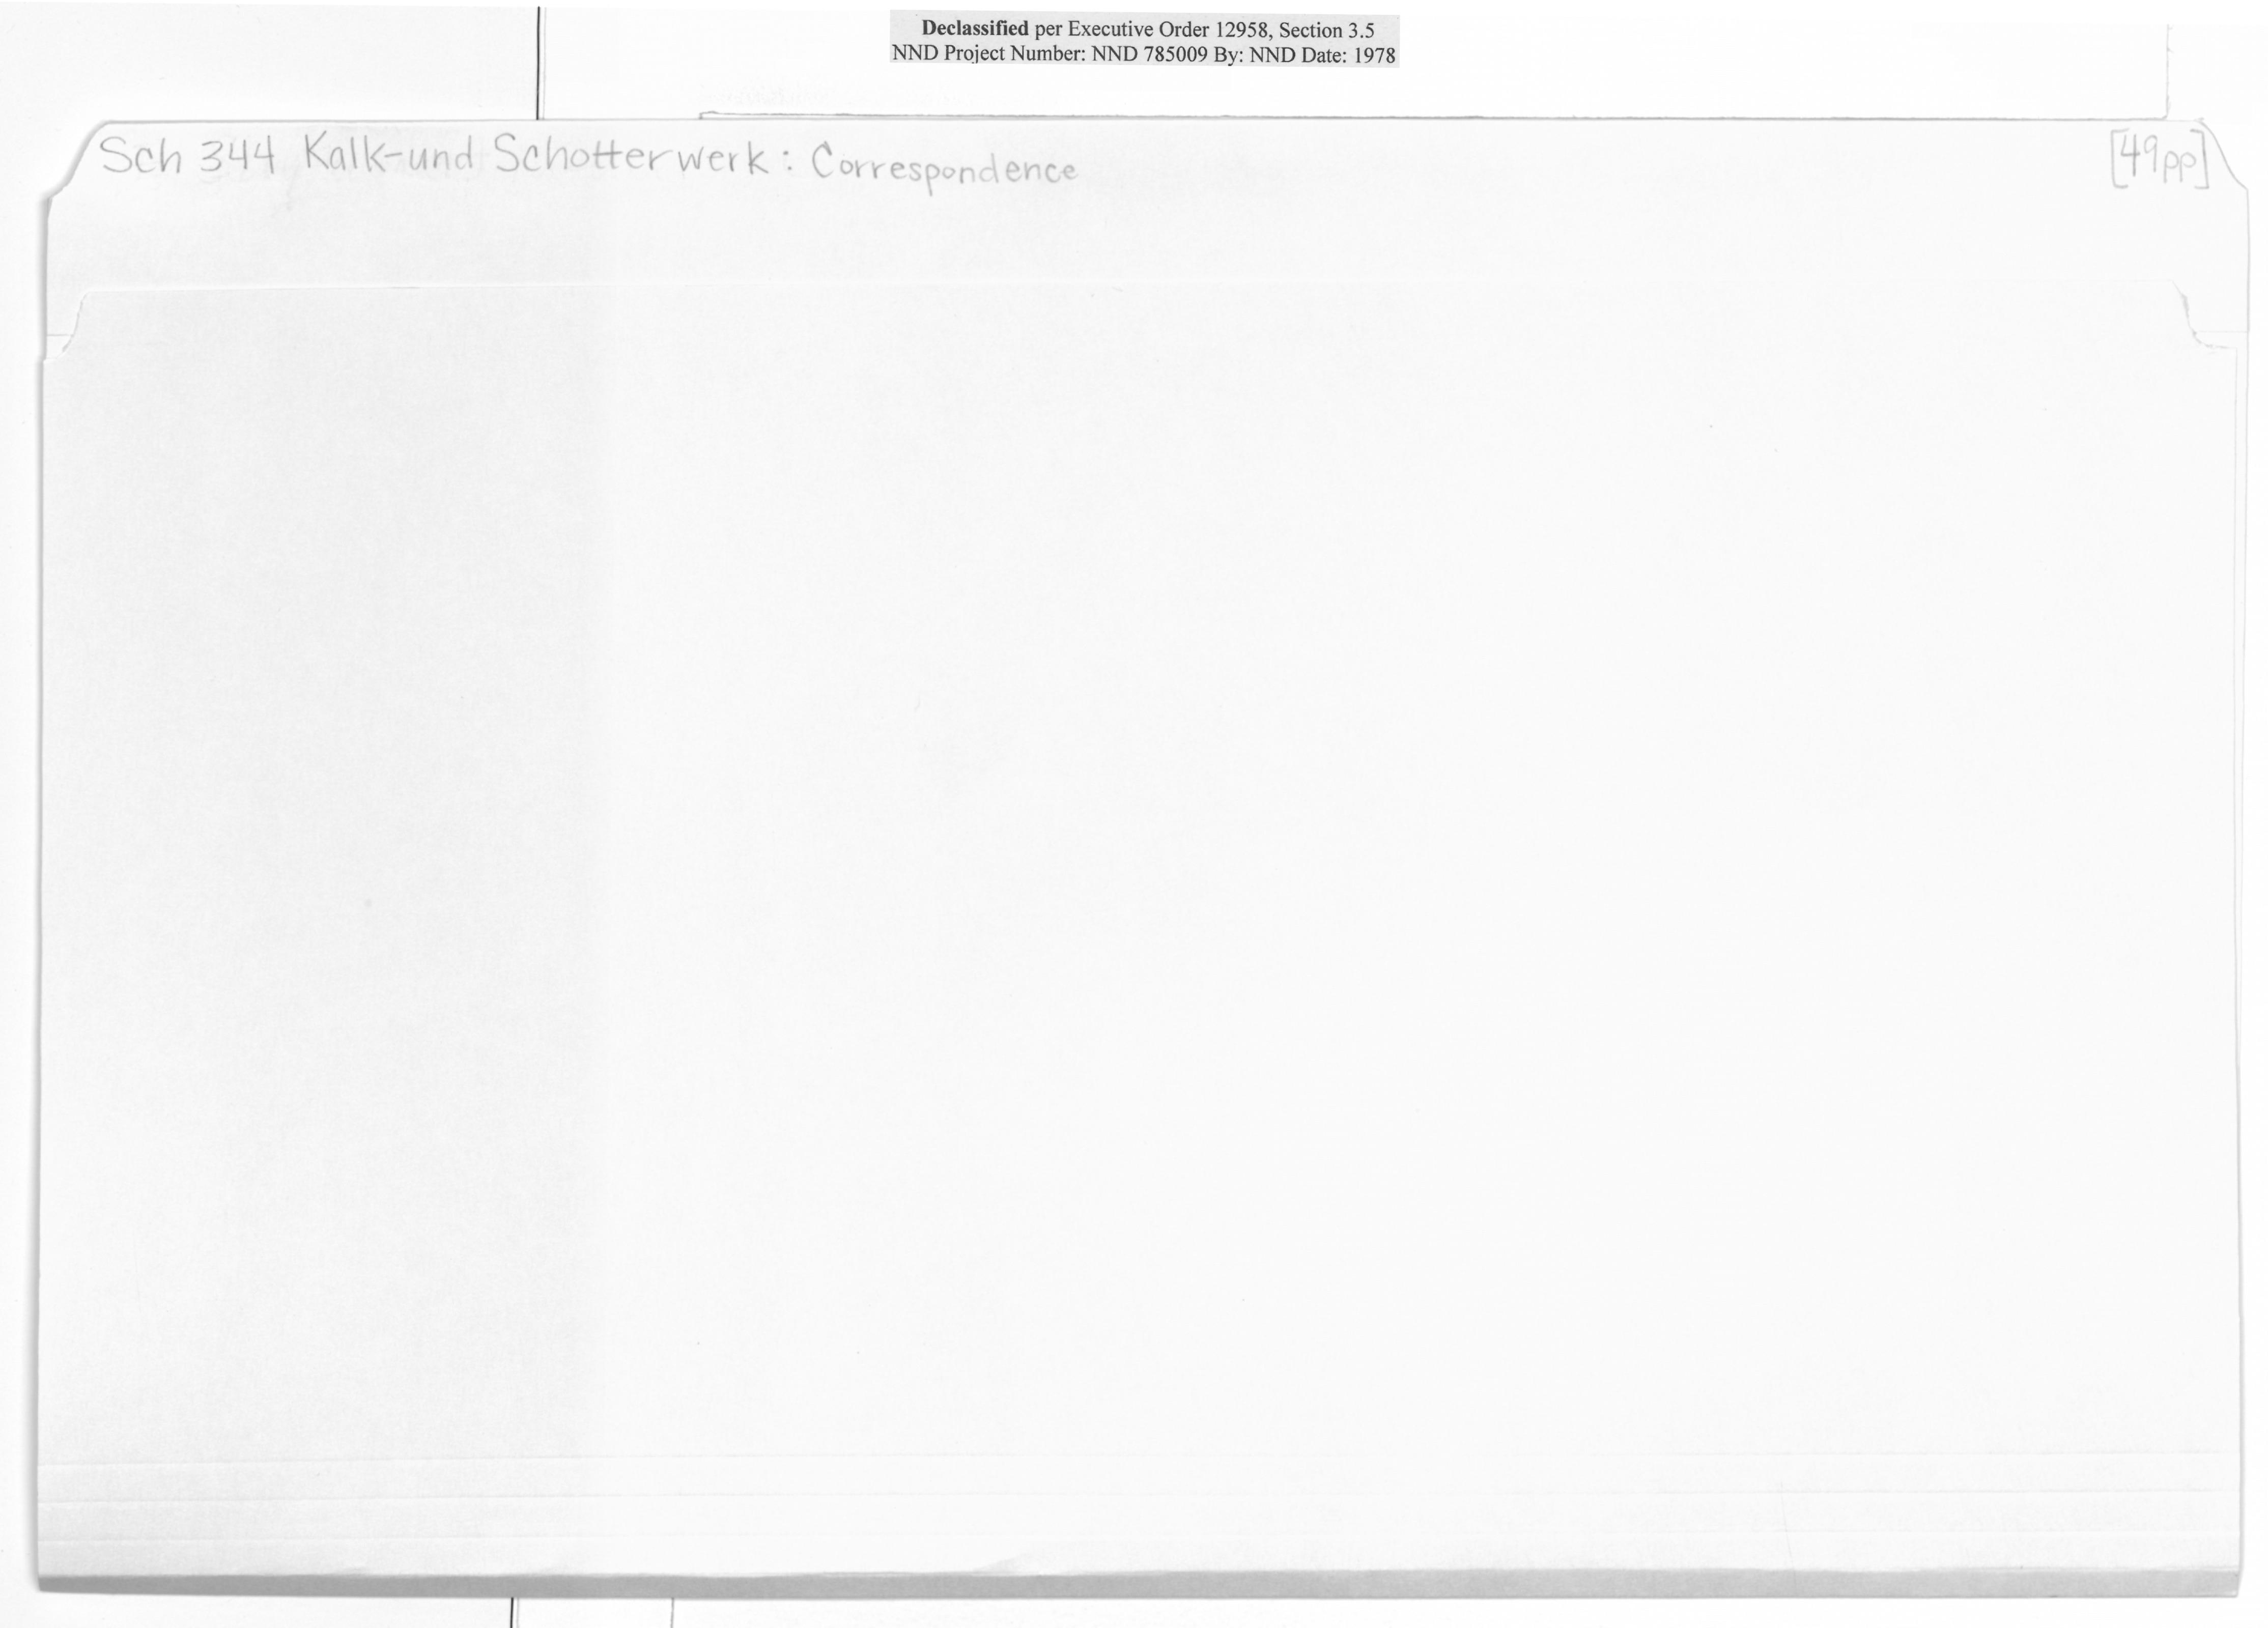 Sch 344 Kalk-und Schotterwerk: Correspondence